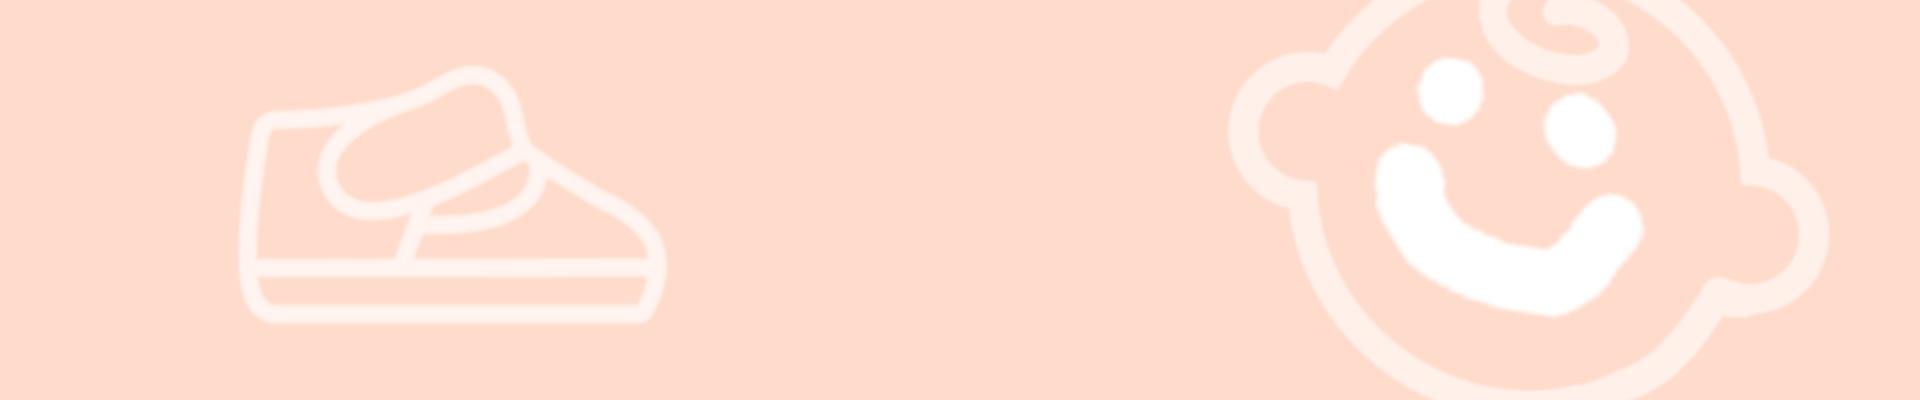 ♥ Calzado bebe niña - Rebajas en calzado para bebe Quecos